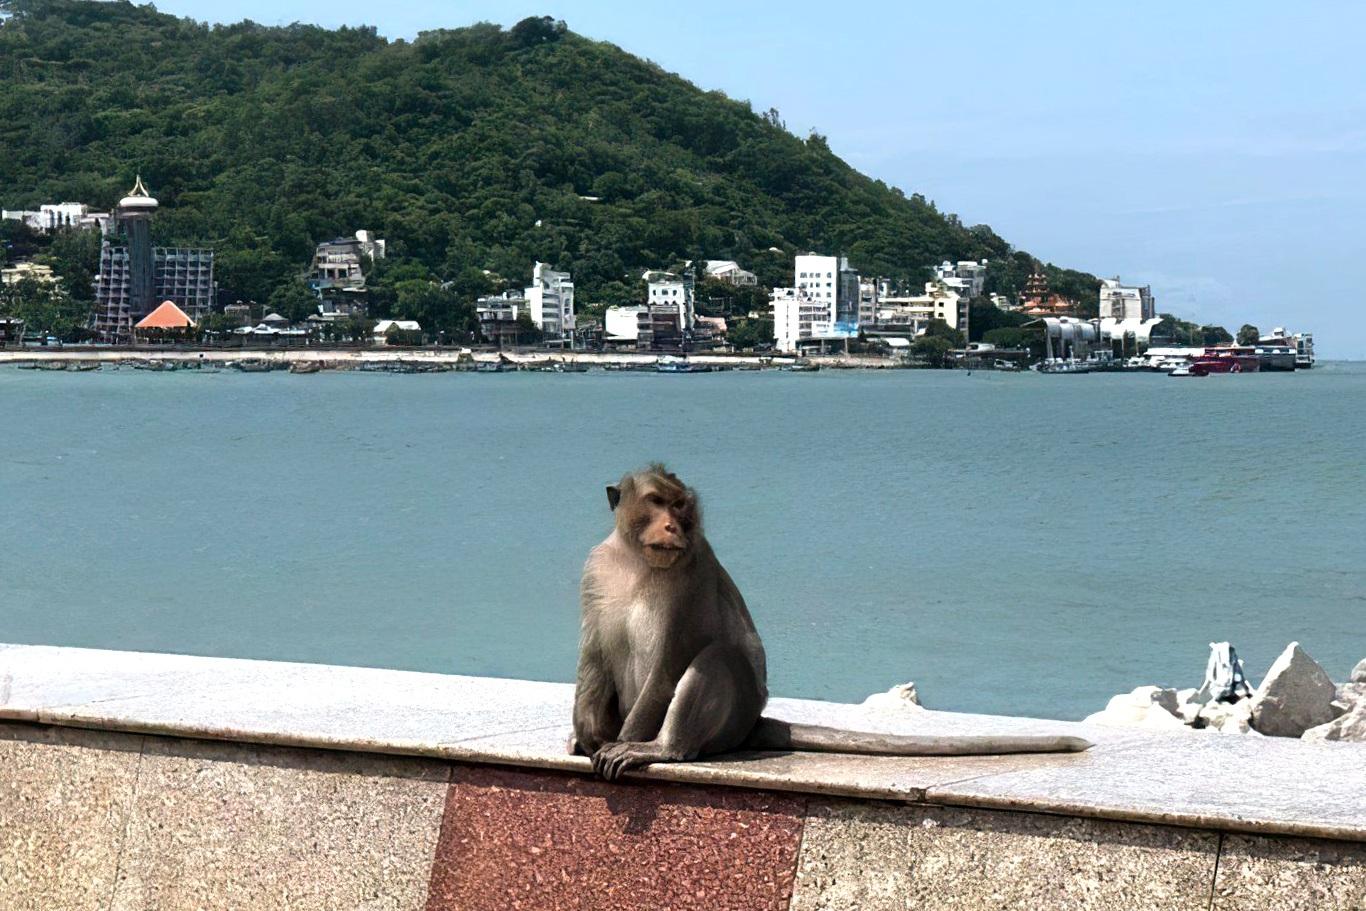 Khỉ tràn xuống phố tìm thức ăn khi TP Vũng Tàu giãn cách xã hội - 4